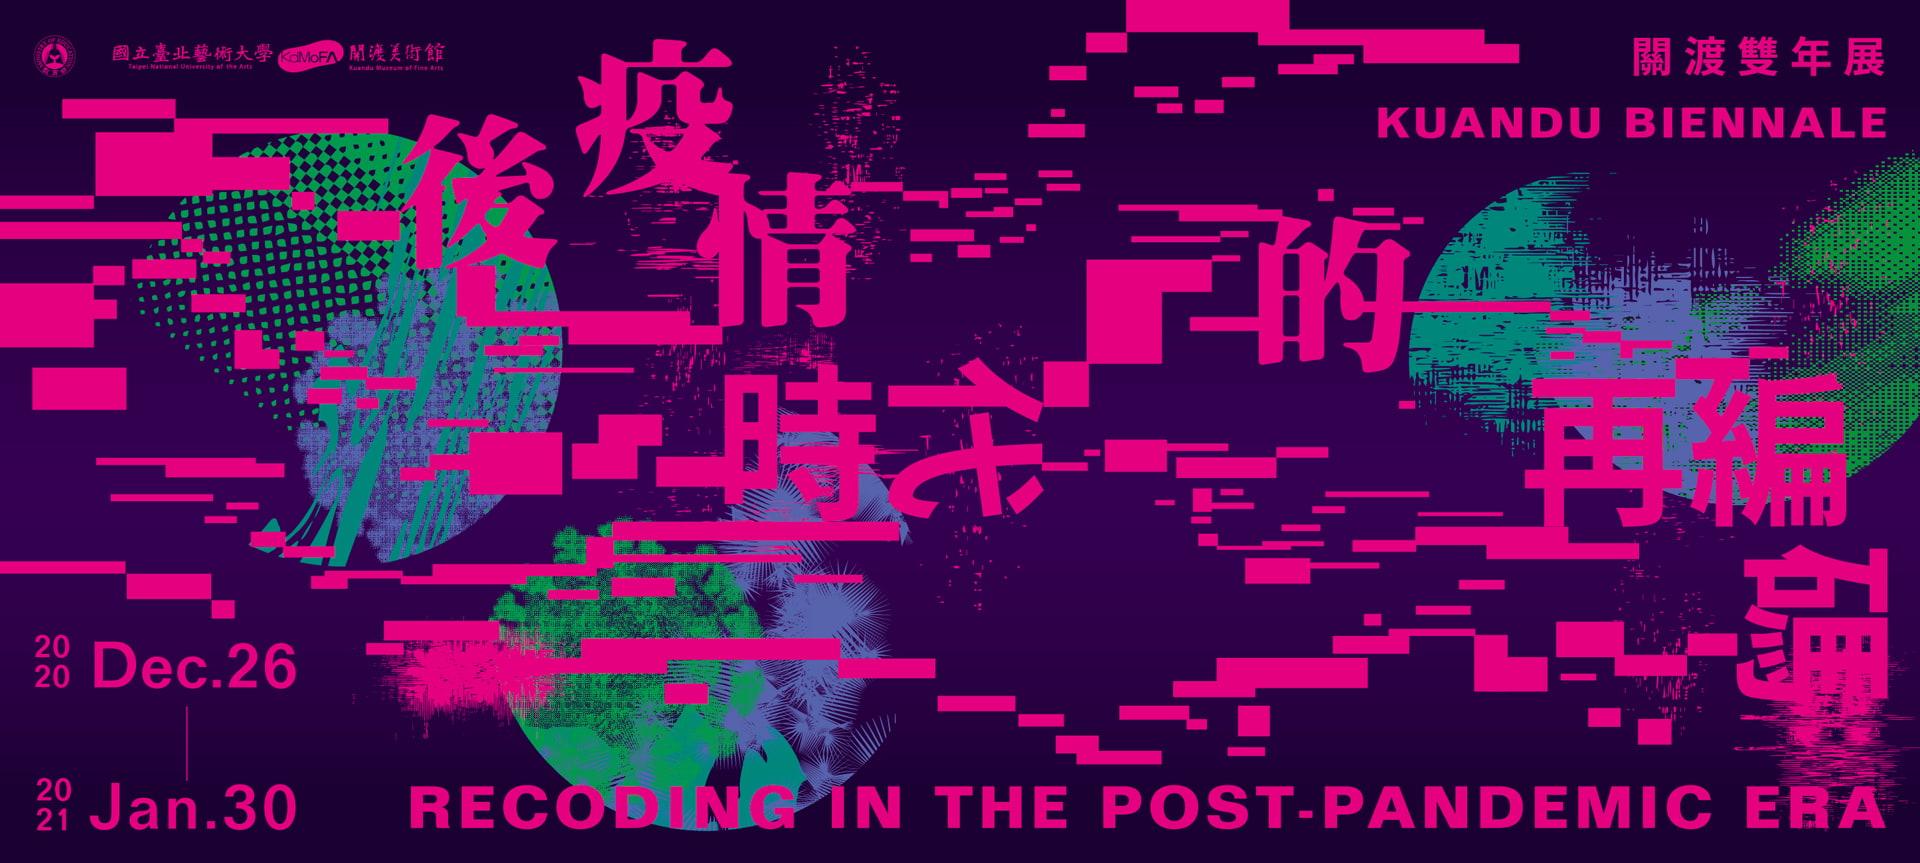 2020關渡雙年展 — 「後疫情時代的再編碼」線上直播系列講座記錄